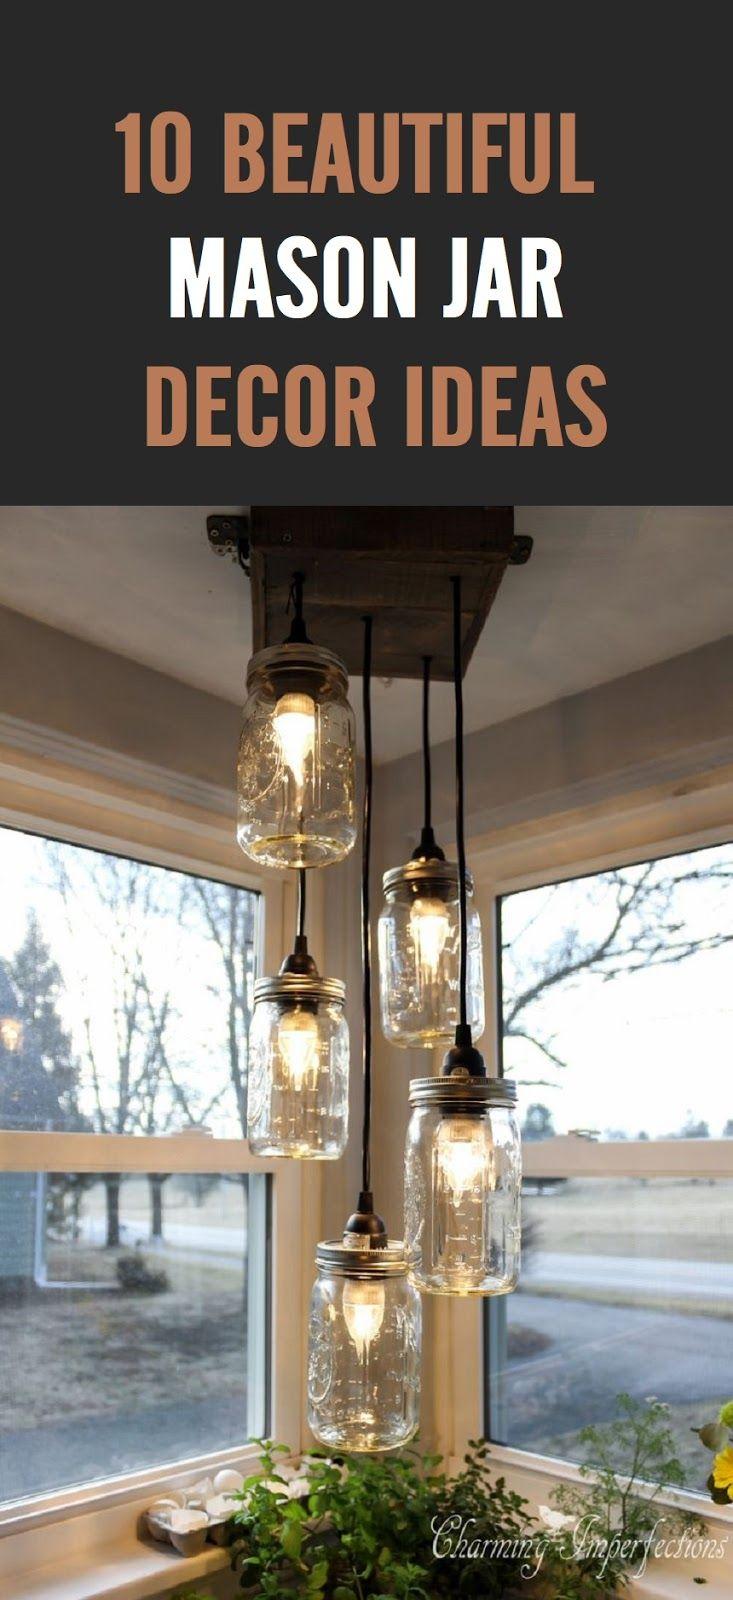 10 Beautiful Mason Jar Decor Ideas